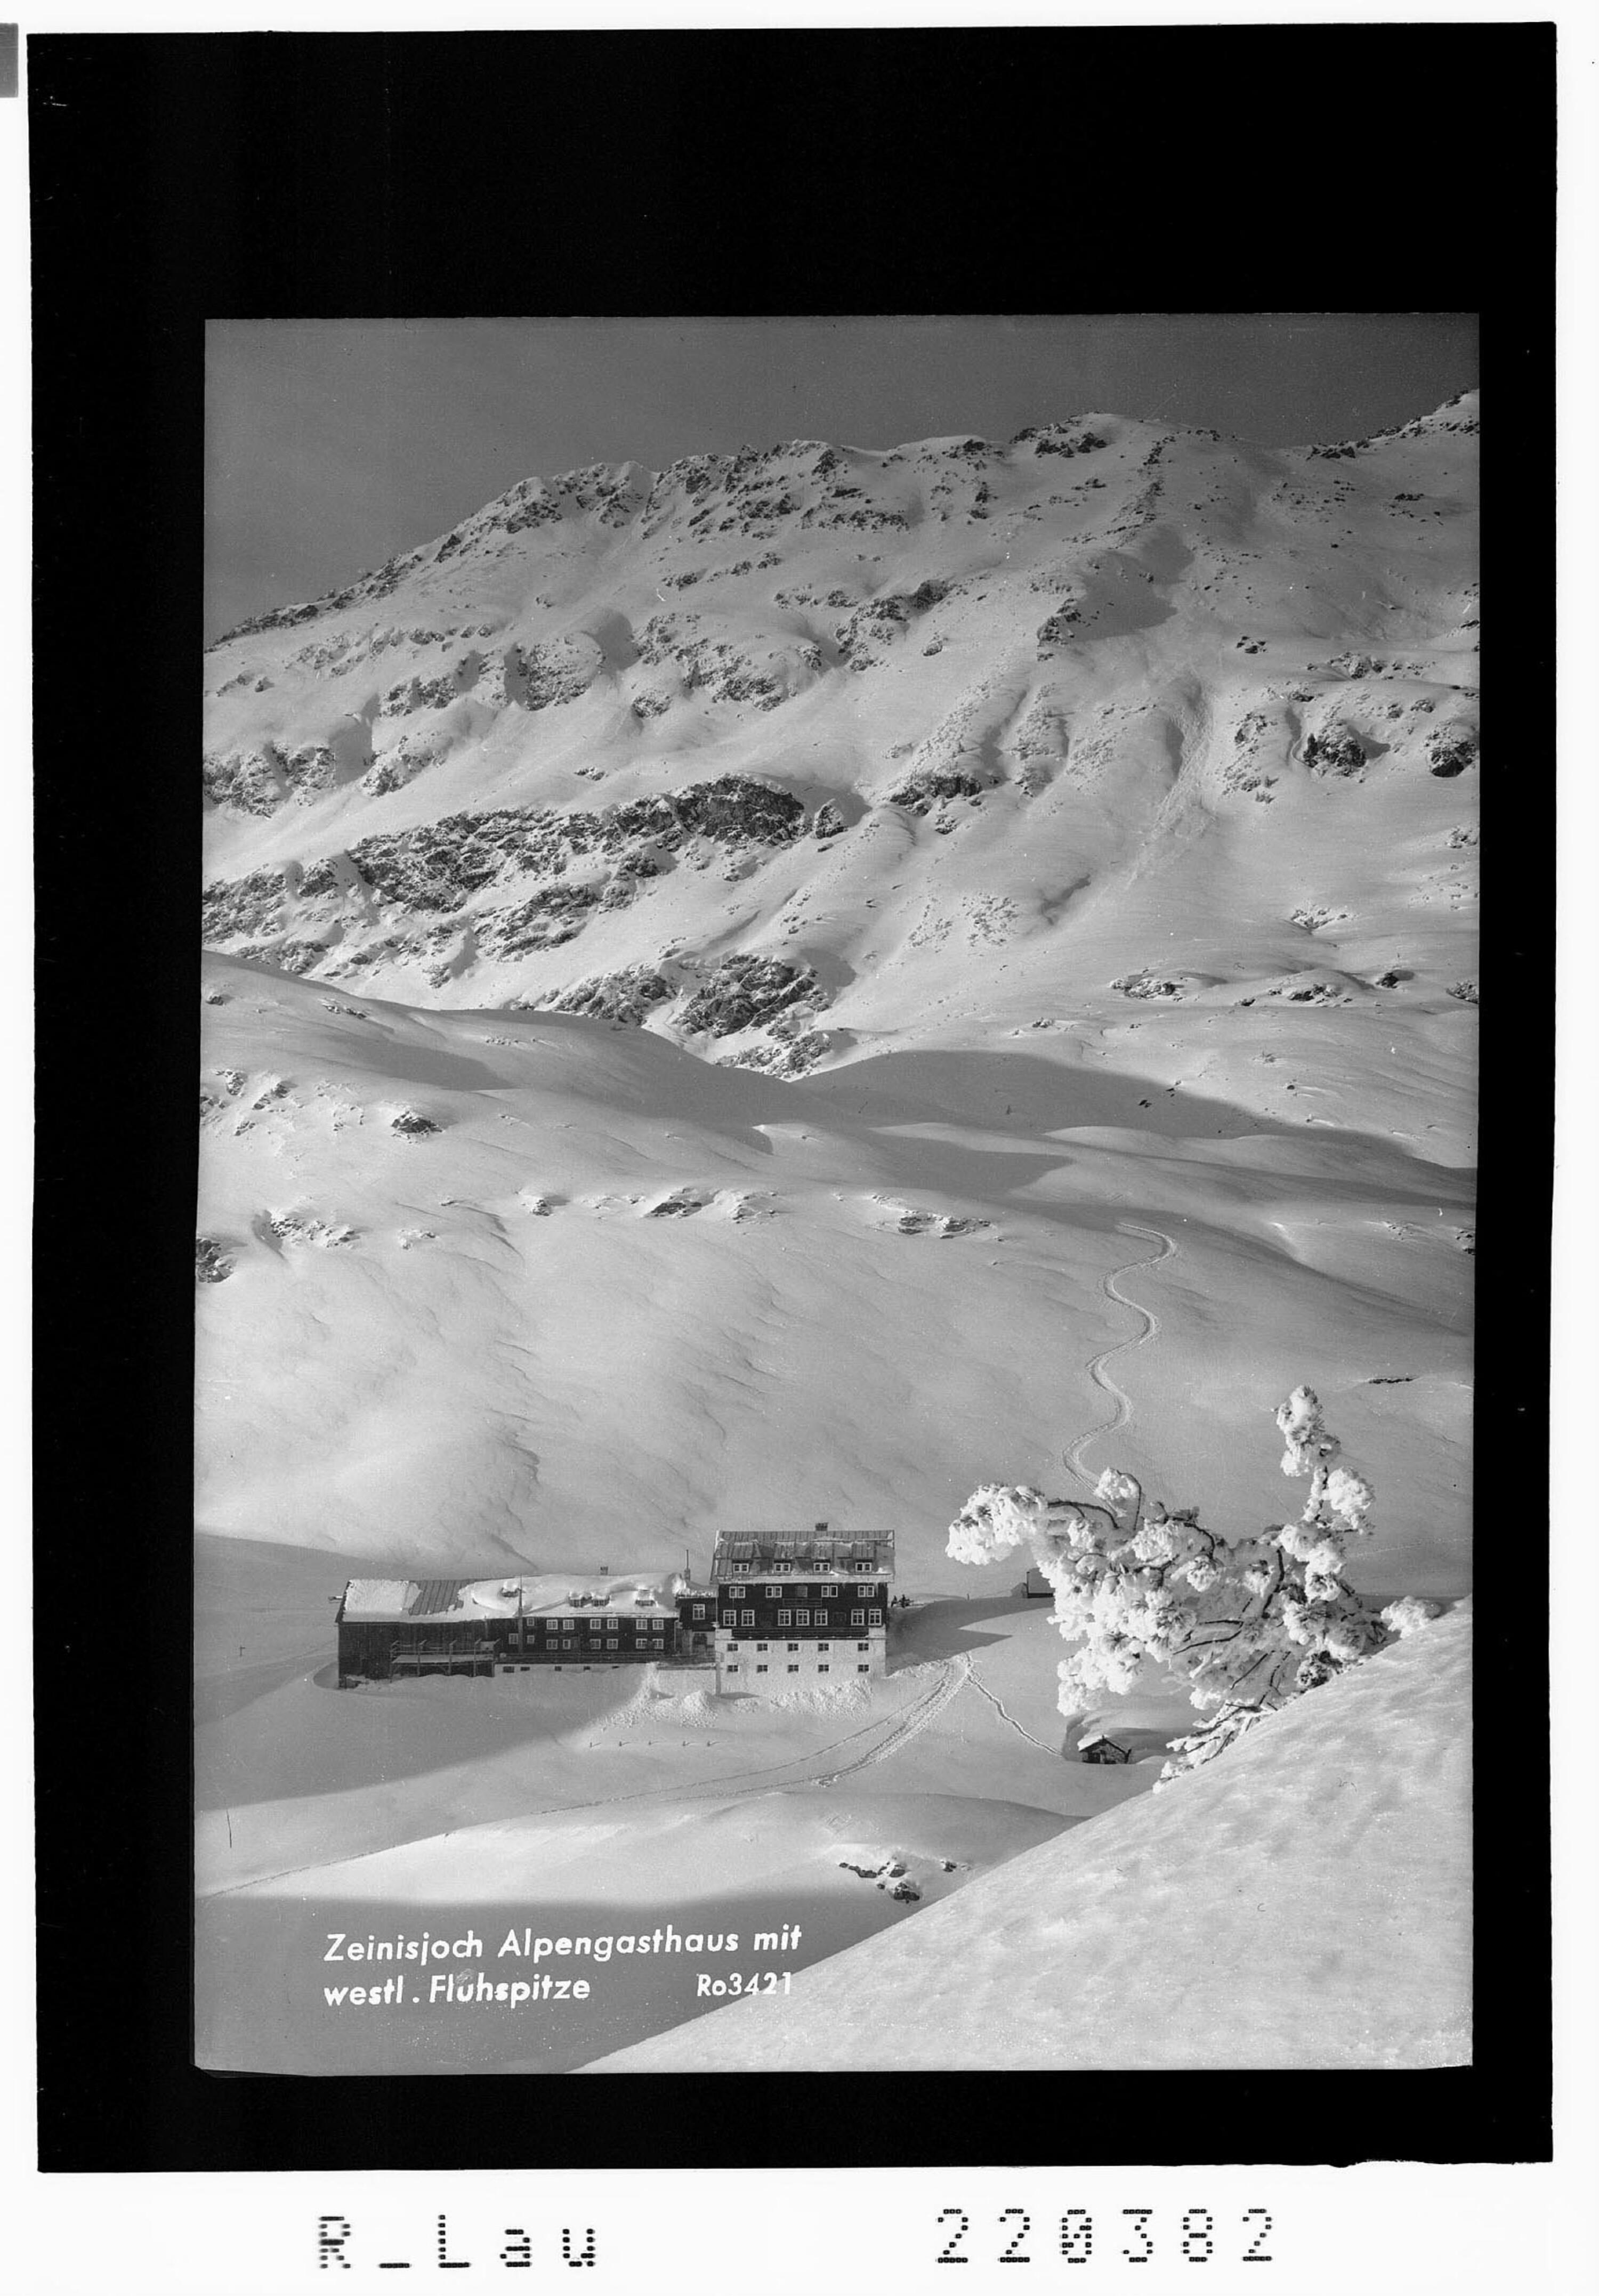 Zeinisjoch Alpengasthaus mit westlicher Fluhspitze von Rhomberg